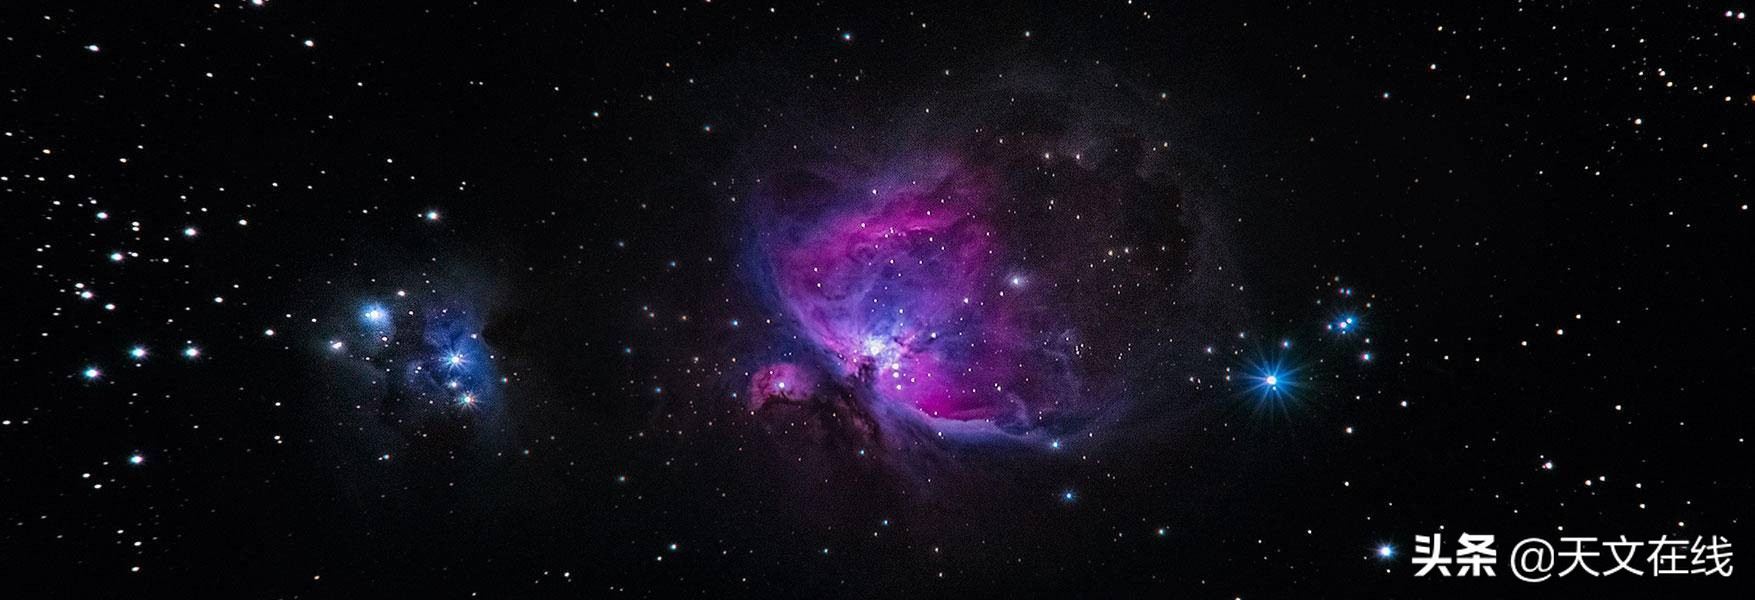 宇宙中粒子众多,中微子缘何重要?